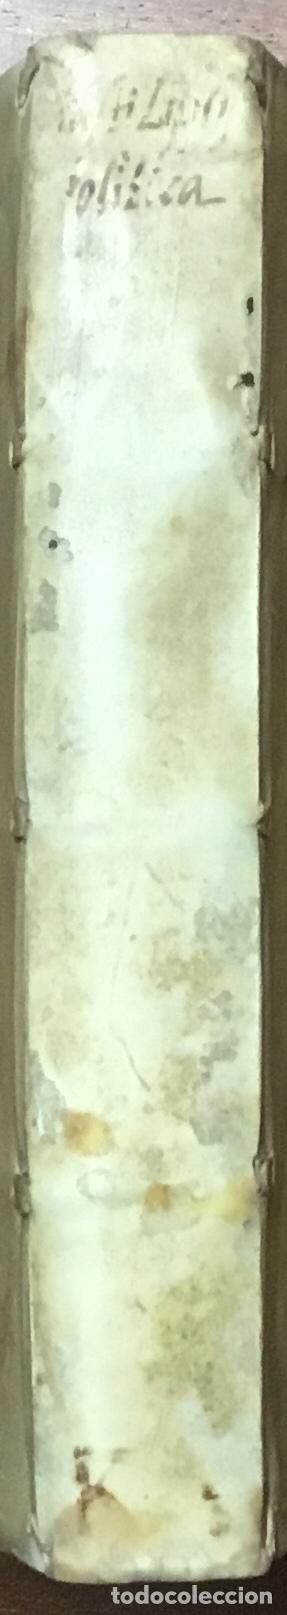 Libros antiguos: IUSTI LIPSI POLITICORUM SIVE CIVILIS DOCTRINAE LIBRI SEX. Qui ad Principatum maximè... JUSTO LIPSIO - Foto 4 - 109022995